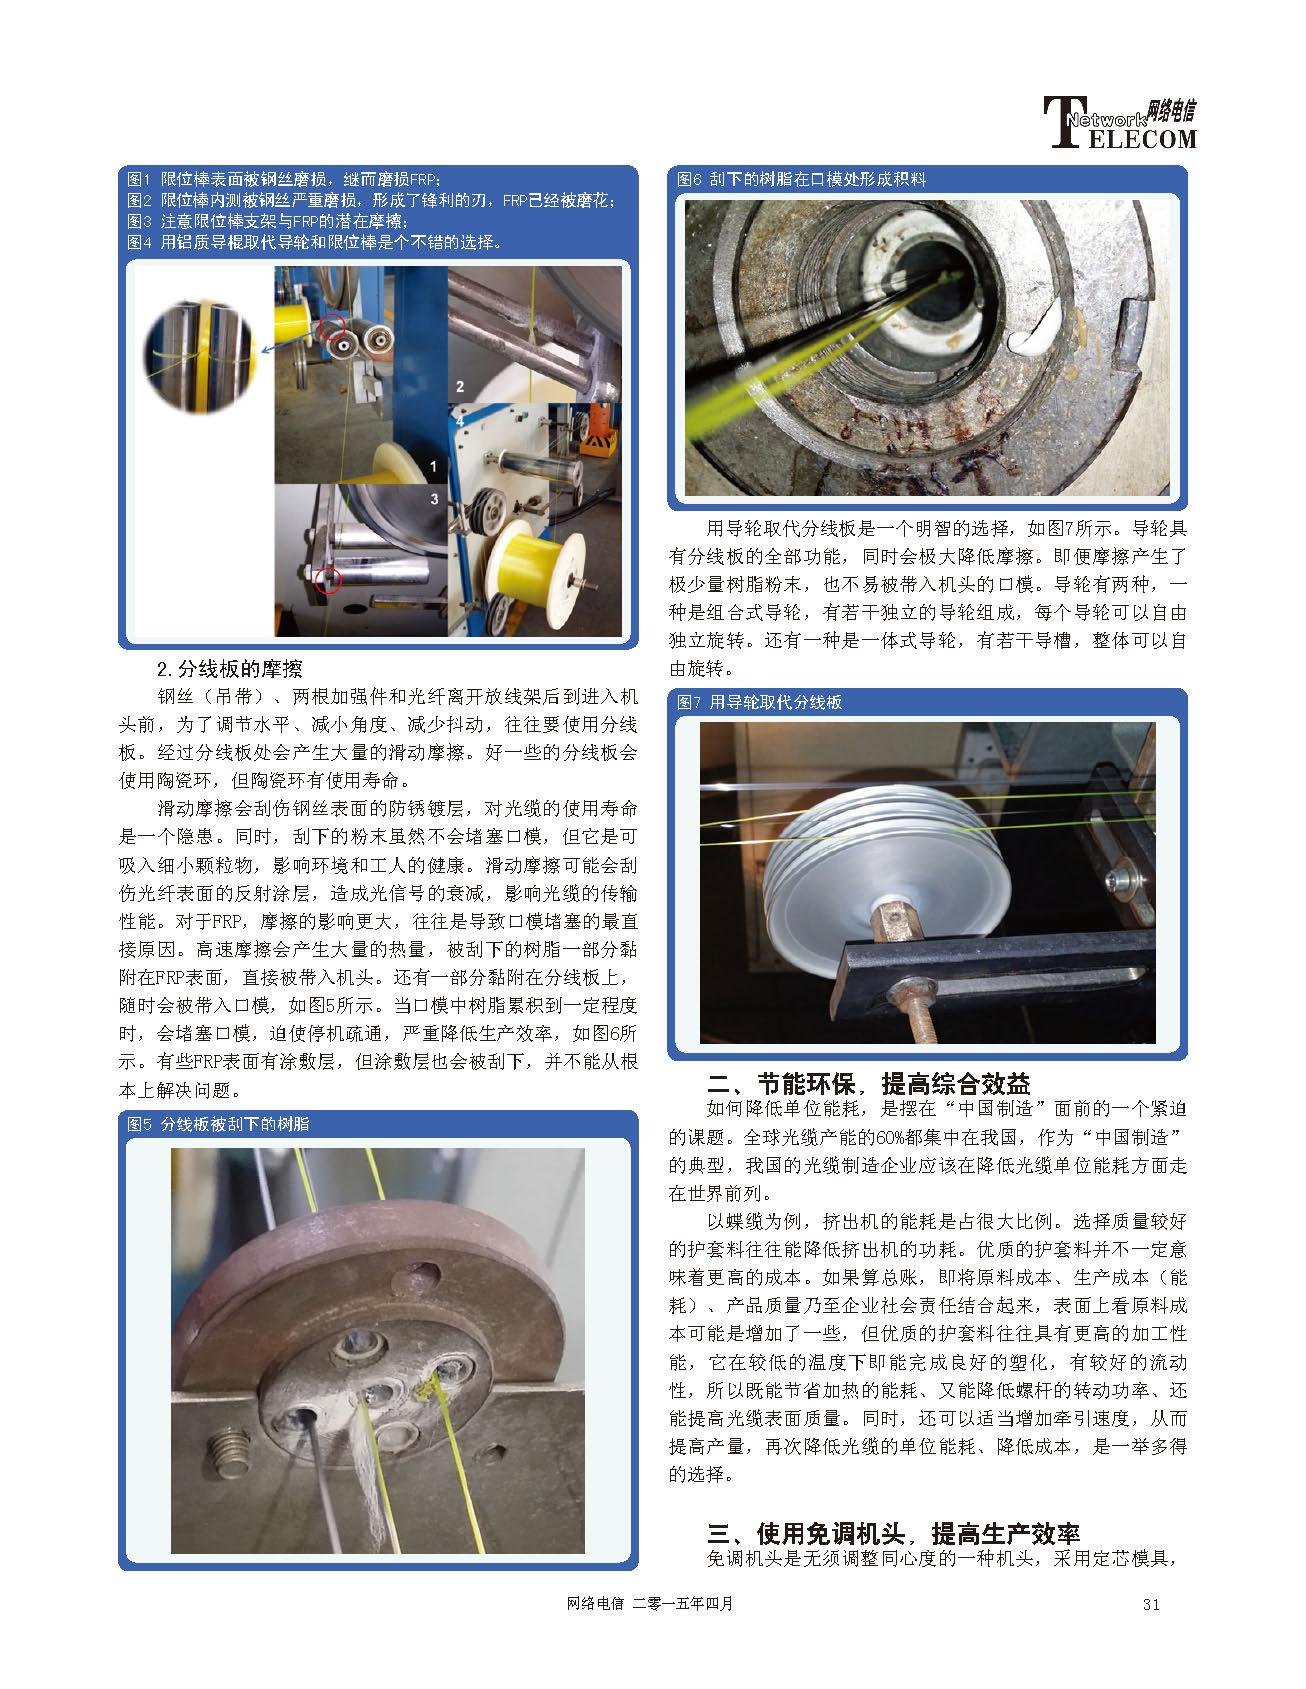 电信2015-04_页面_31.jpg